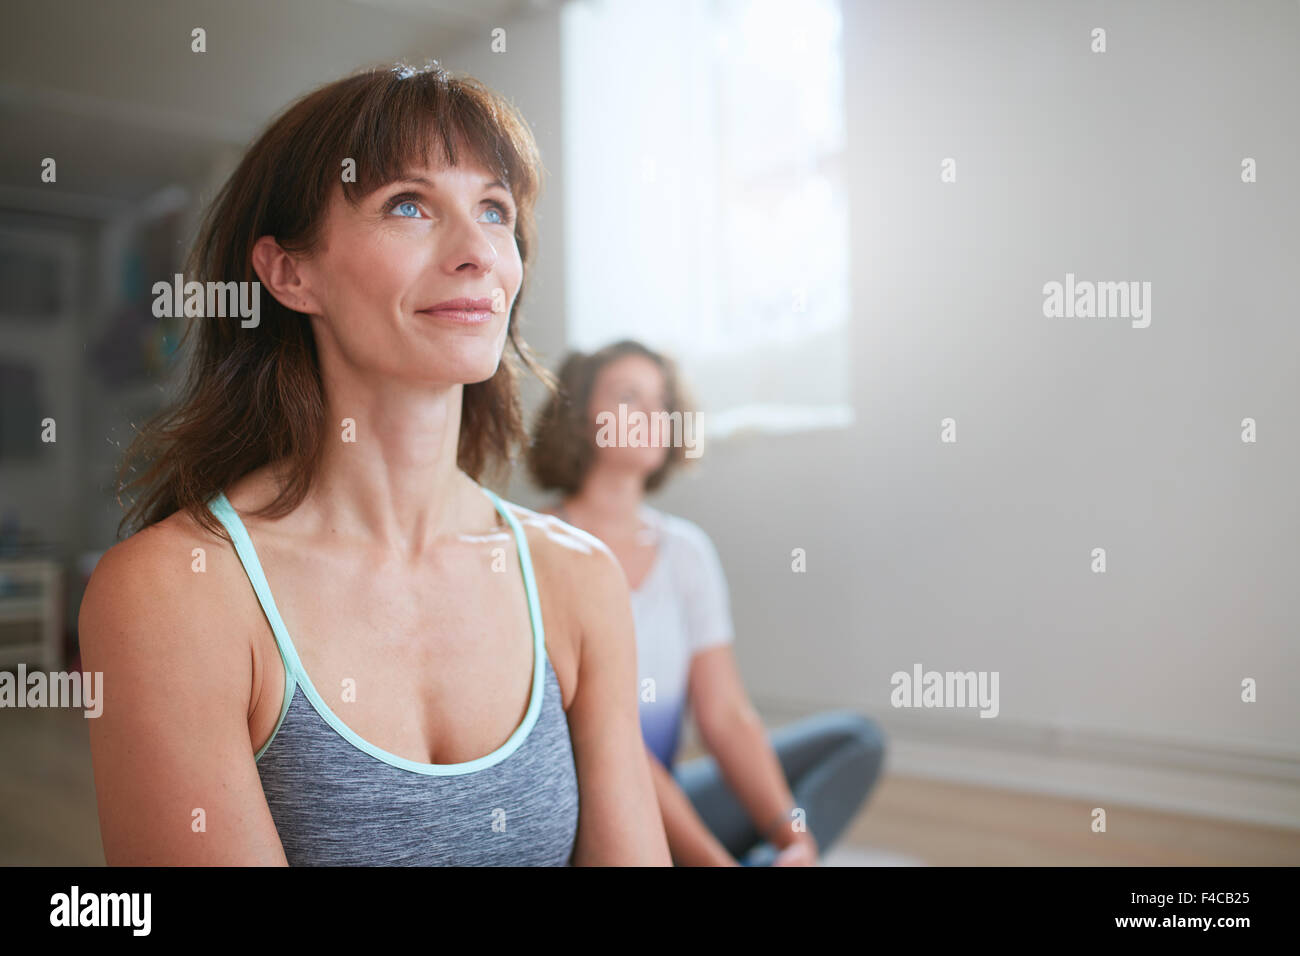 Retrato de mujer sentada en el piso de fitness en clase de yoga mirando a otro lado. Instructor de yoga durante Imagen De Stock